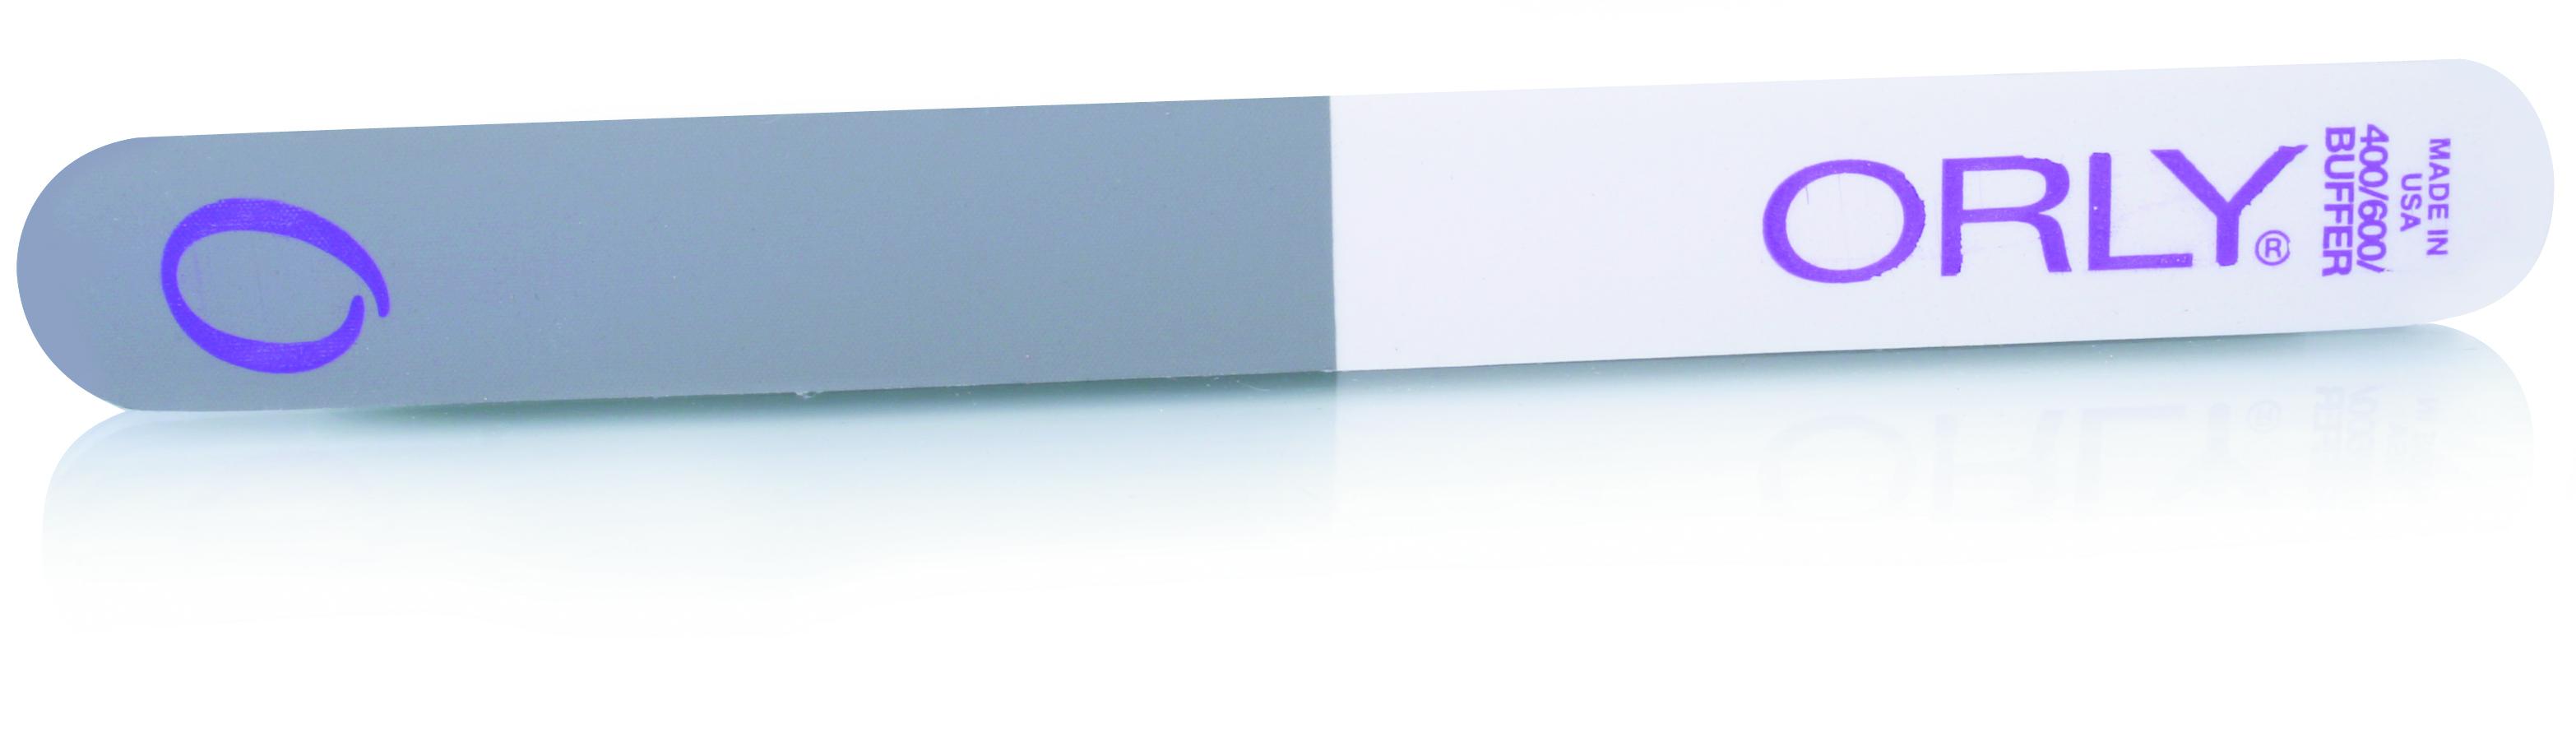 ORLY Трёхфункциональная пилка с абразивом 240/400/600 ед. / 3-Way BufferПилки для ногтей<br>Трехсторонняя пилка 3 Way Buffer используется для придания ногтям формы и глянцевого блеска. Пилка не зря имеет такое название, так как состоит из трех частей различного абразива. Черная поверхность придает ногтям идеальную форму (абразив 240 ед.) Белая сторона выравнивает поверхность ногтя (абразив 400 ед.), а серая сторона пилки придает блеск (абразив 600 ед.). Способ применения: 1. Подбирайте пилку по типу ногтей: чем абразивность выше, тем пилка мягче, а значит меньше вероятность повредить ногти. 2. Для натуральных ногтей выбирайте пилку абразивом выше 180ед. 3. Старайтесь, чтобы движения пилки были в одном направлении от края к центру ногтя.<br>